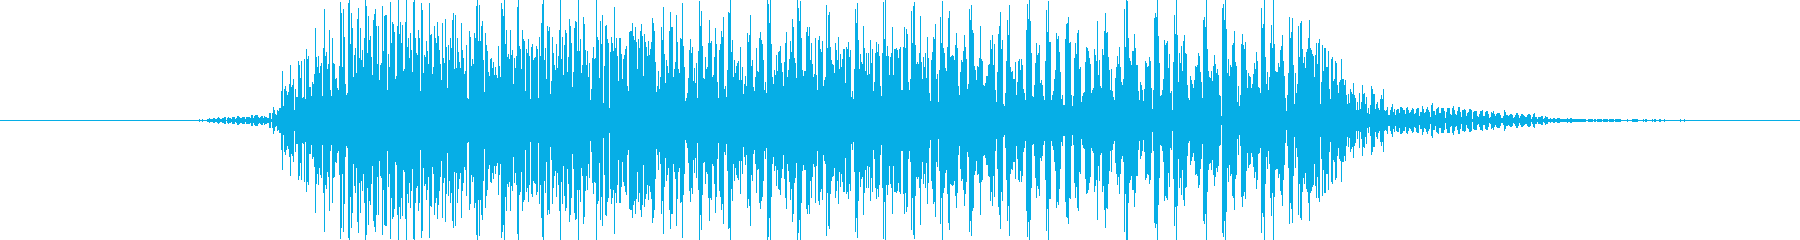 あー!(うわー)悲鳴、ダメージ受けるの再生済みの波形